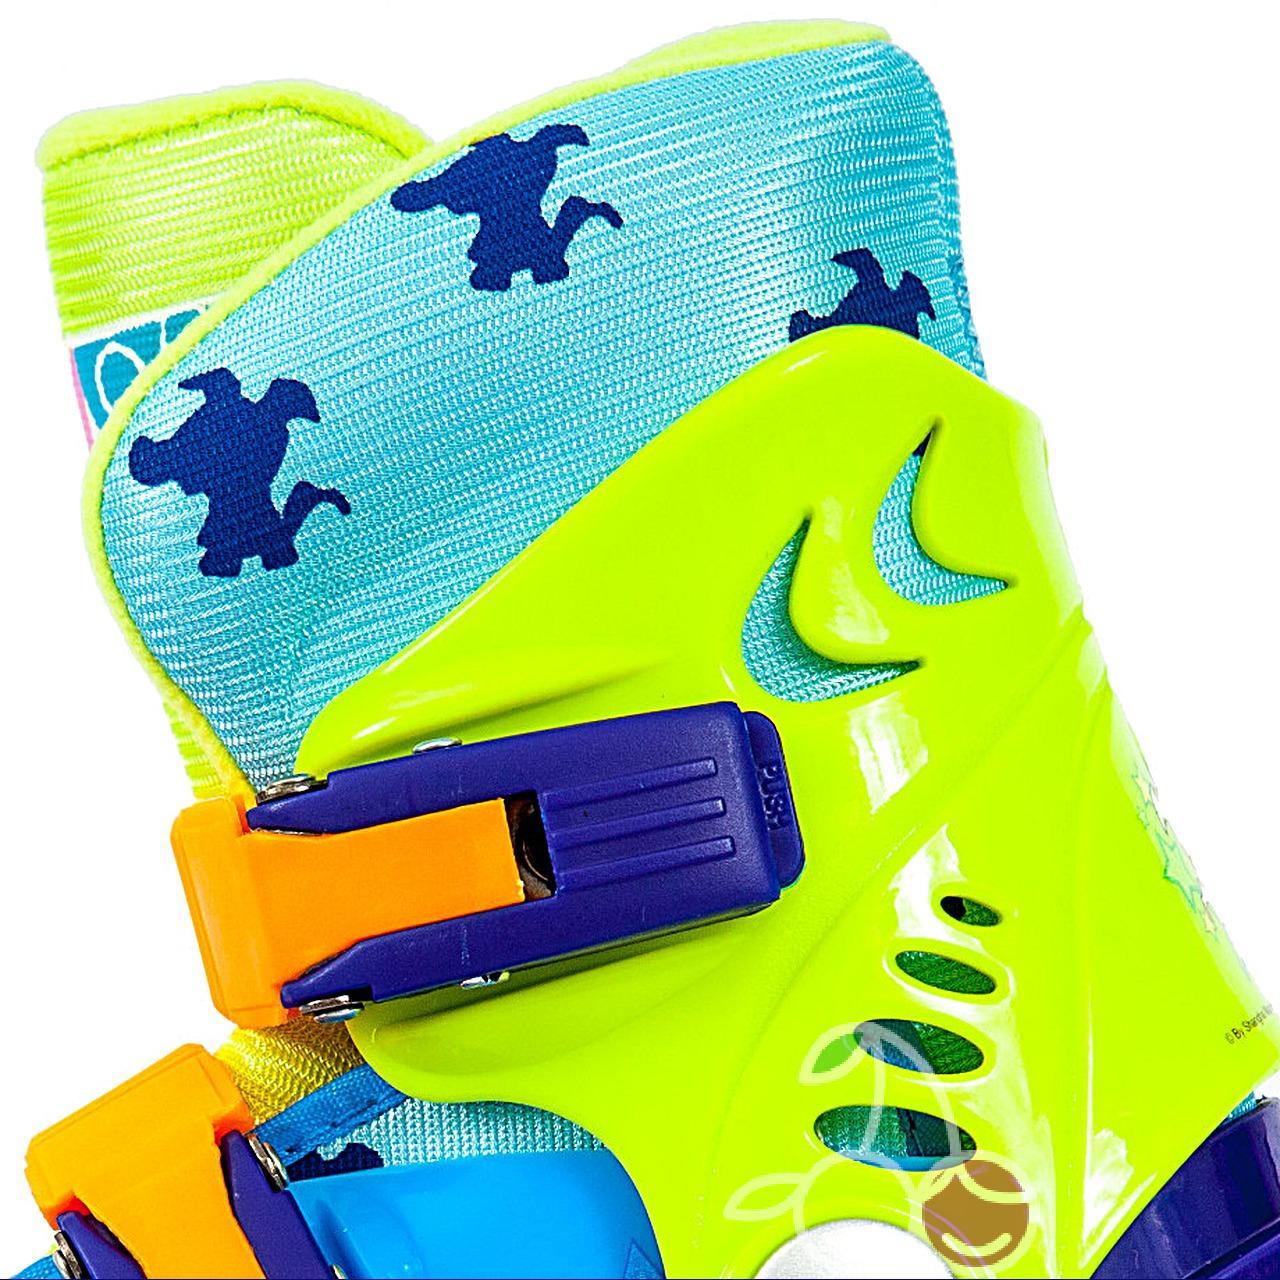 Роликовые коньки детские 27 размер, для обучения (трехколесные, раздвижной ботинок) MagicWheels зеленые, - фото 3